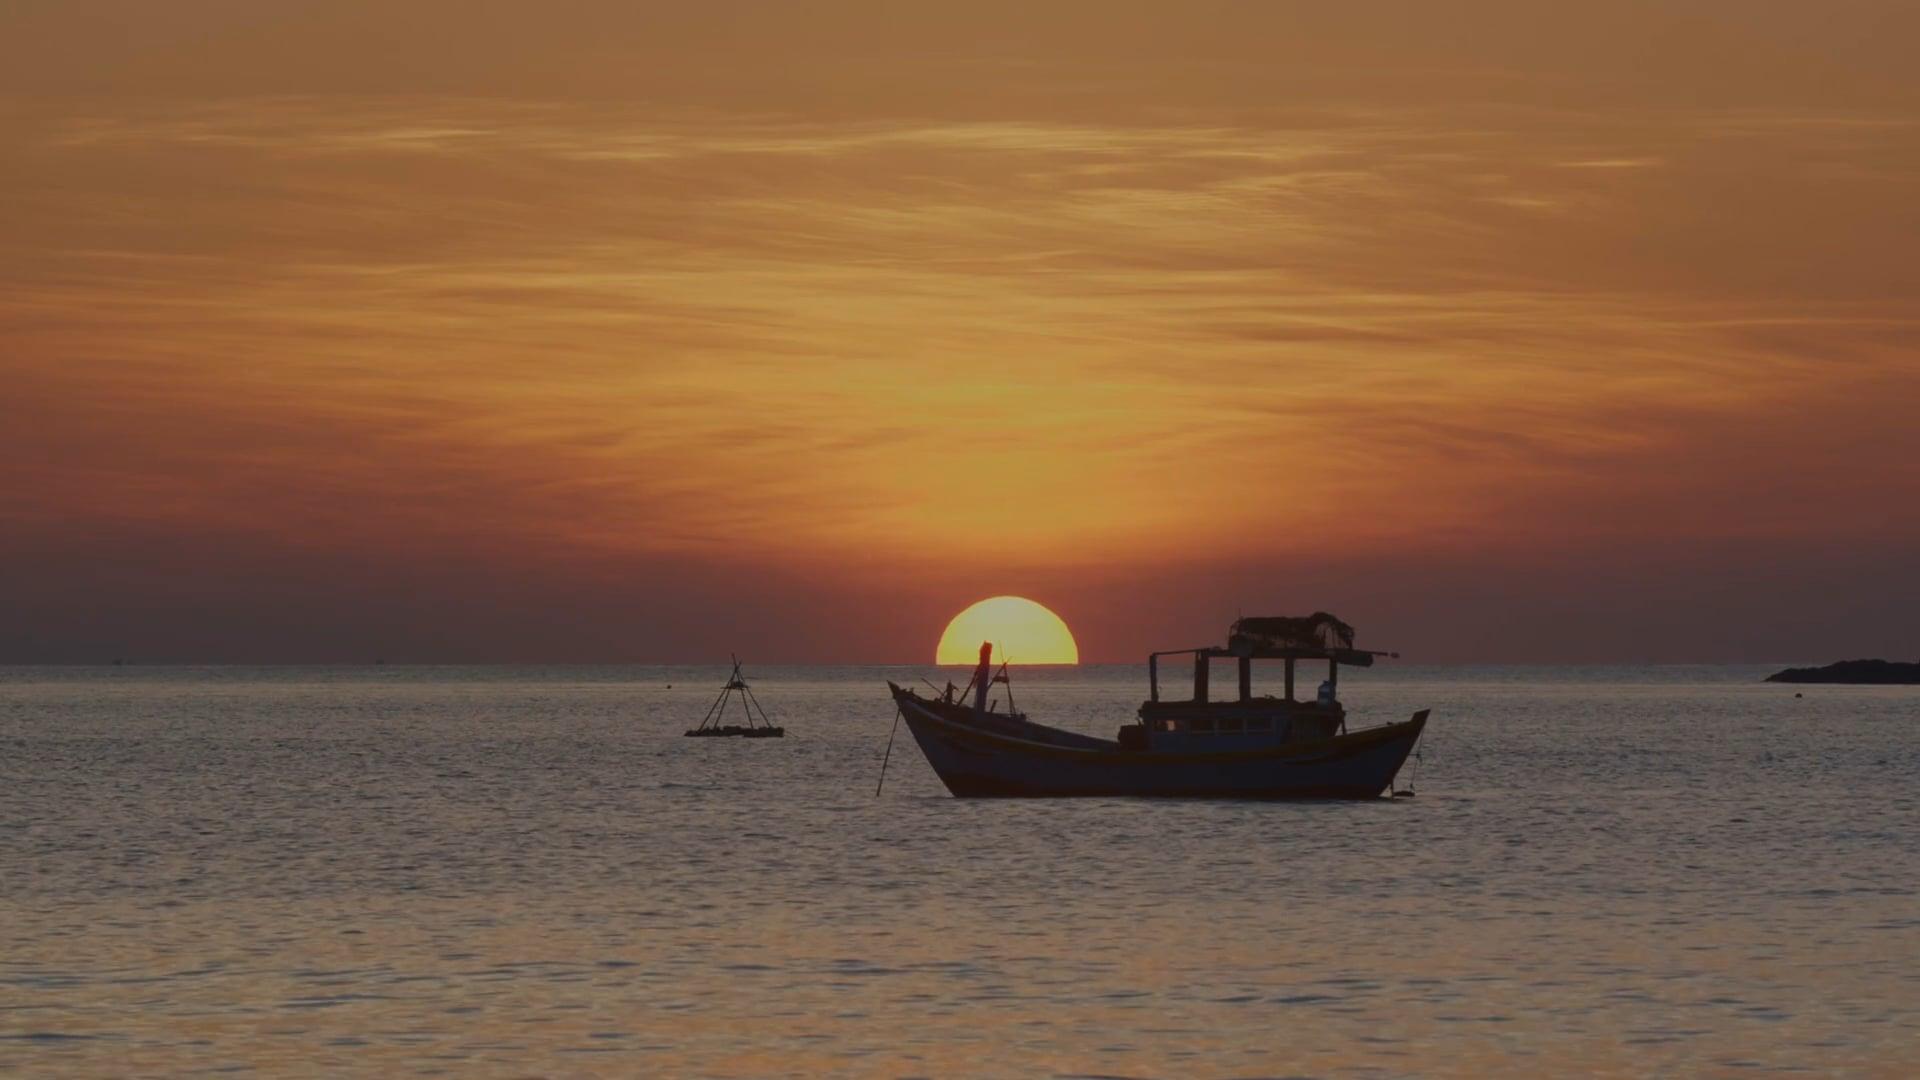 Vietnam - Anantara Quy Nhơn villas